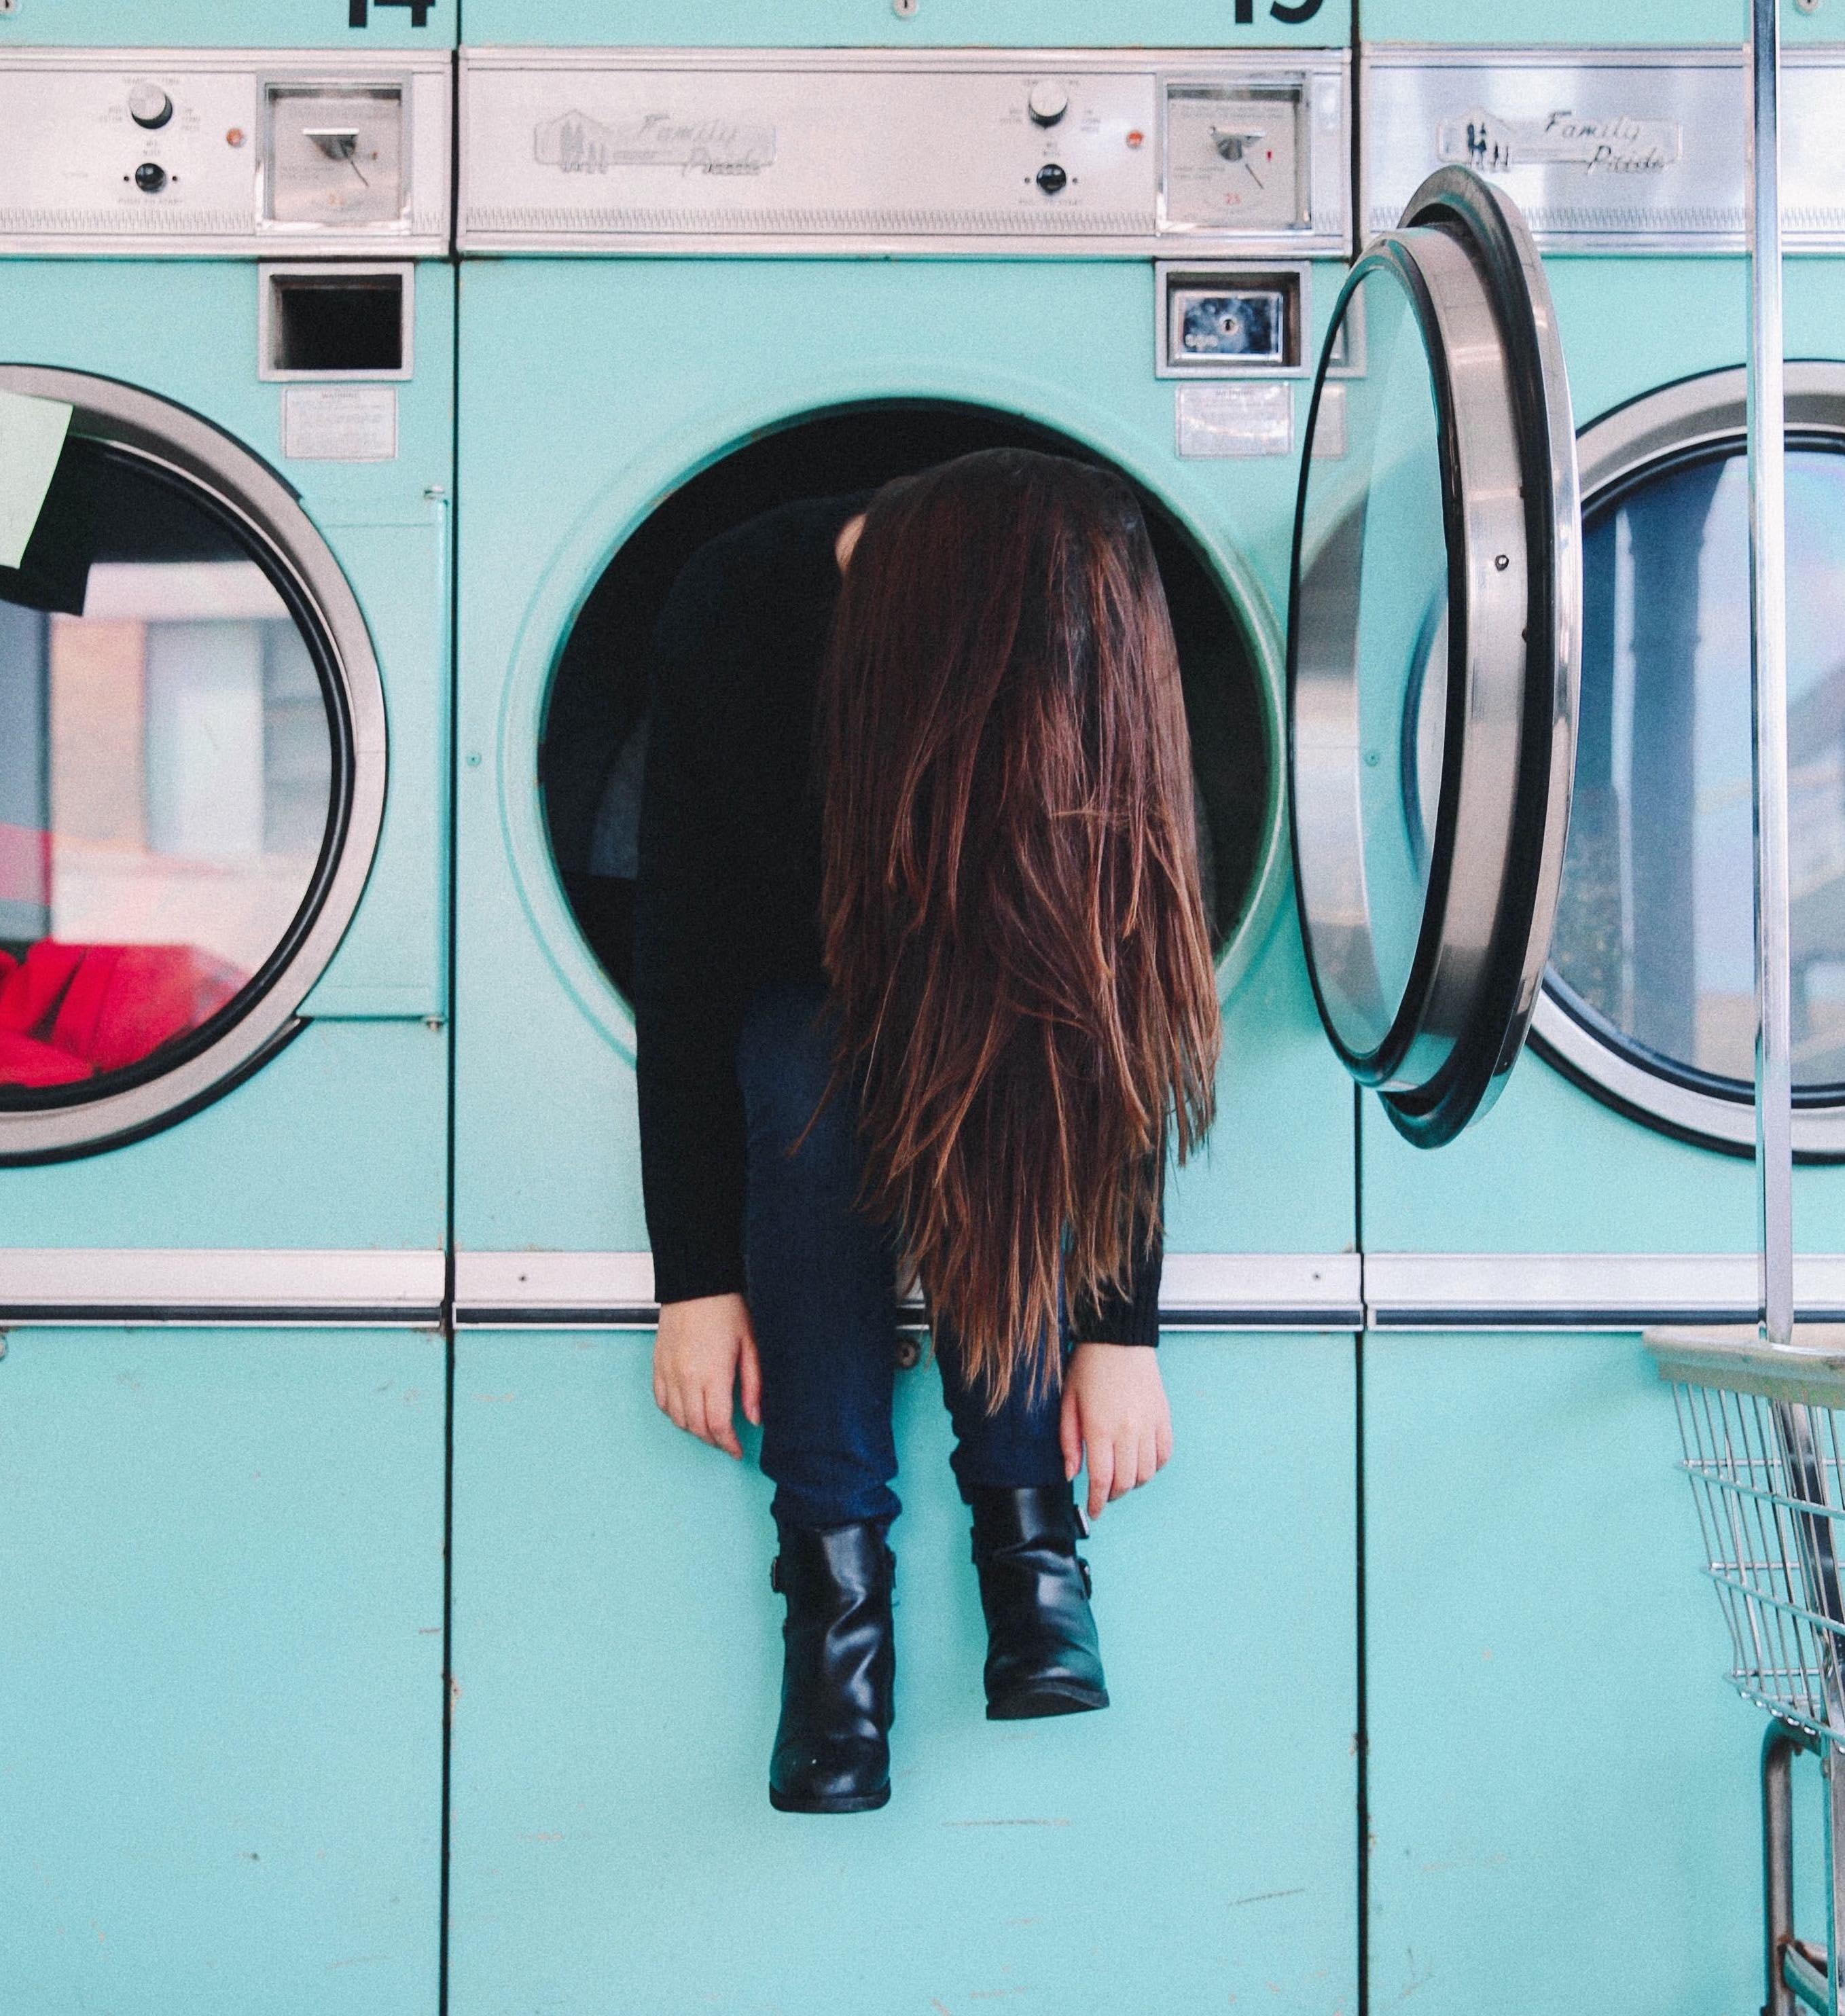 """<a href=""""https://unsplash.com/photos/Iij0kAlrf2Y"""" target=""""_blank"""" rel=""""noopener"""">© Victoria Palacios/Unsplash</a>"""